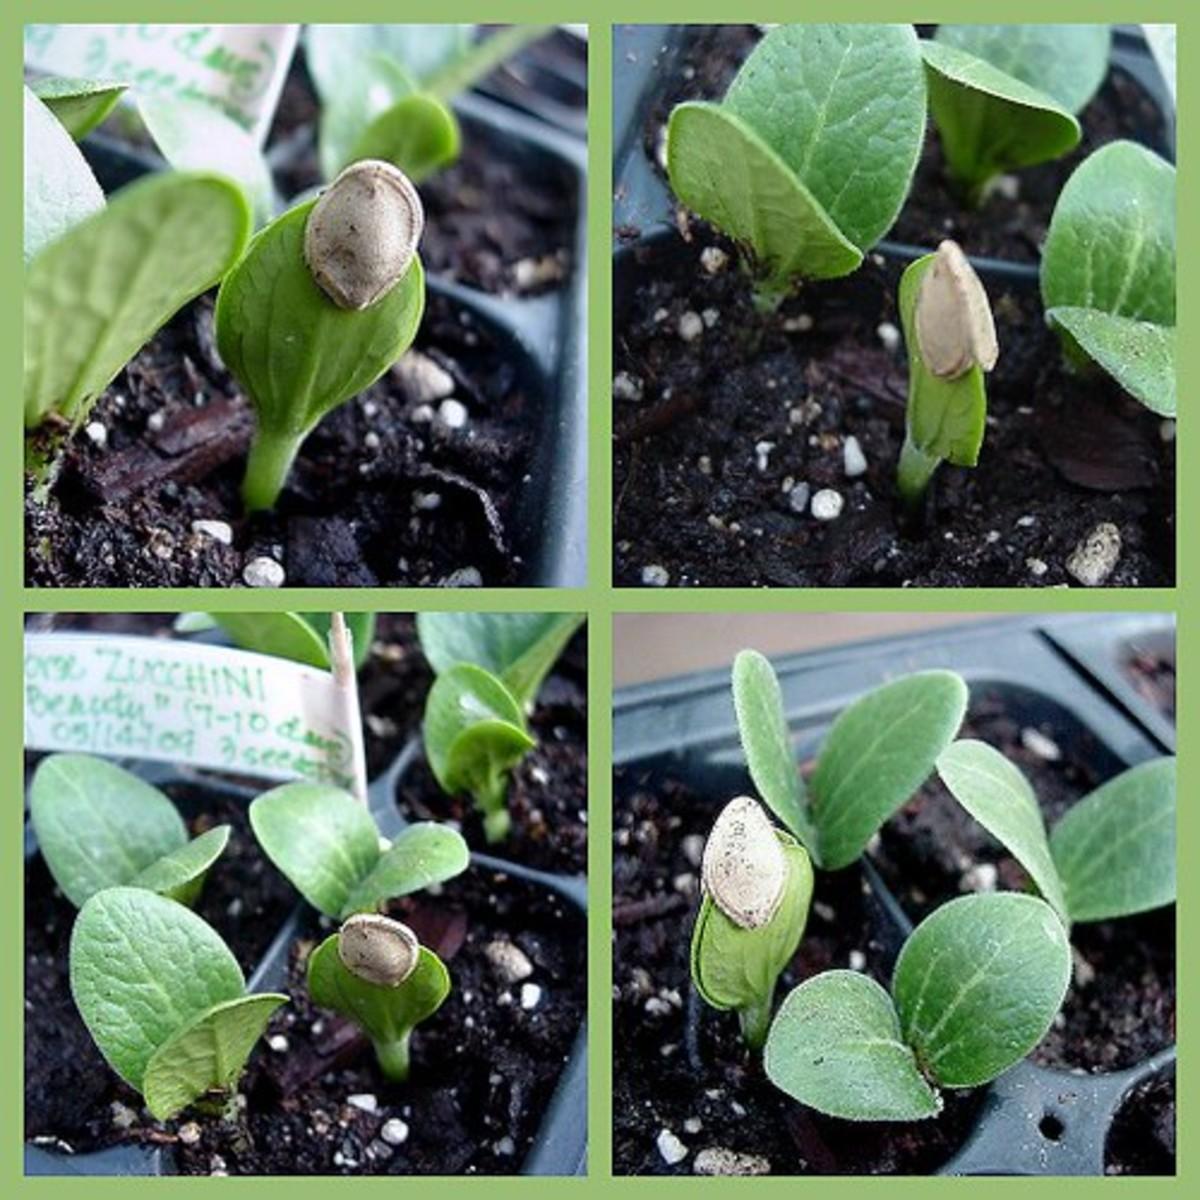 Zucchini seedlings budding.